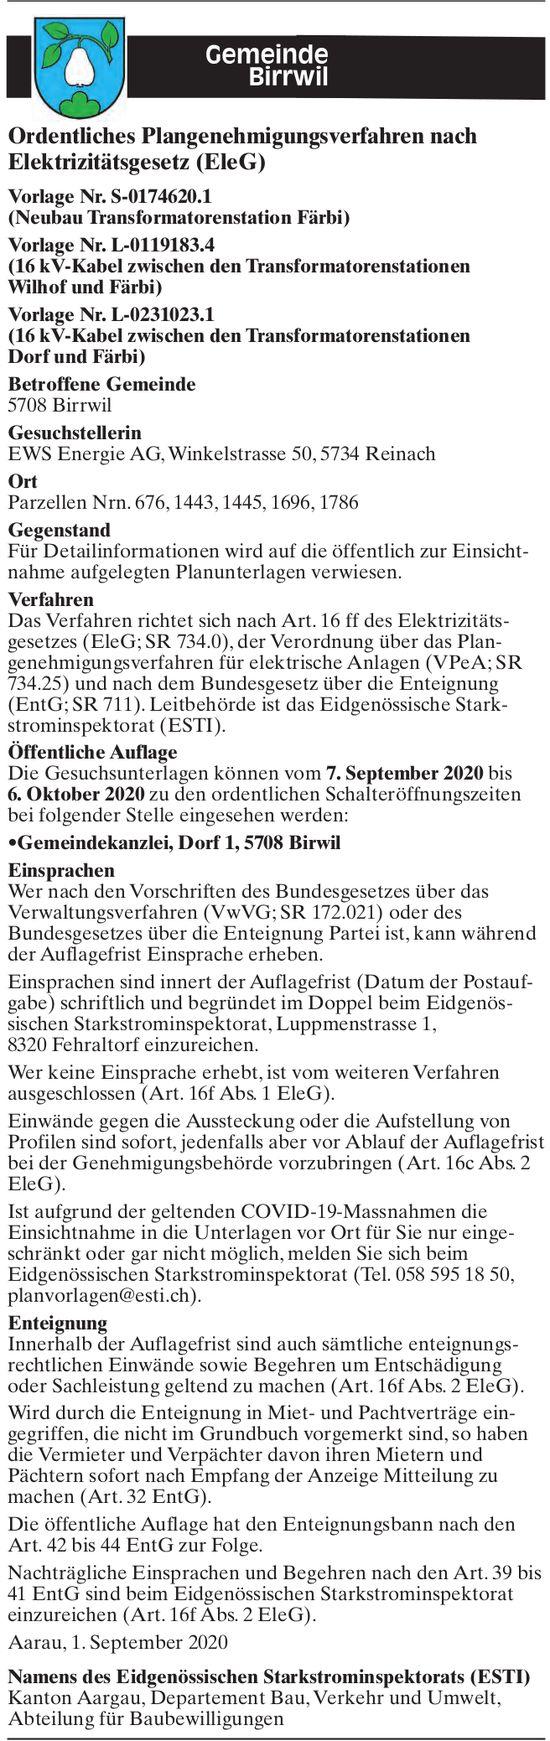 Gemeinde, Birrwil - Ordentliches Plangenehmigungsverfahren nach Elektrizitätsgesetz (EleG)